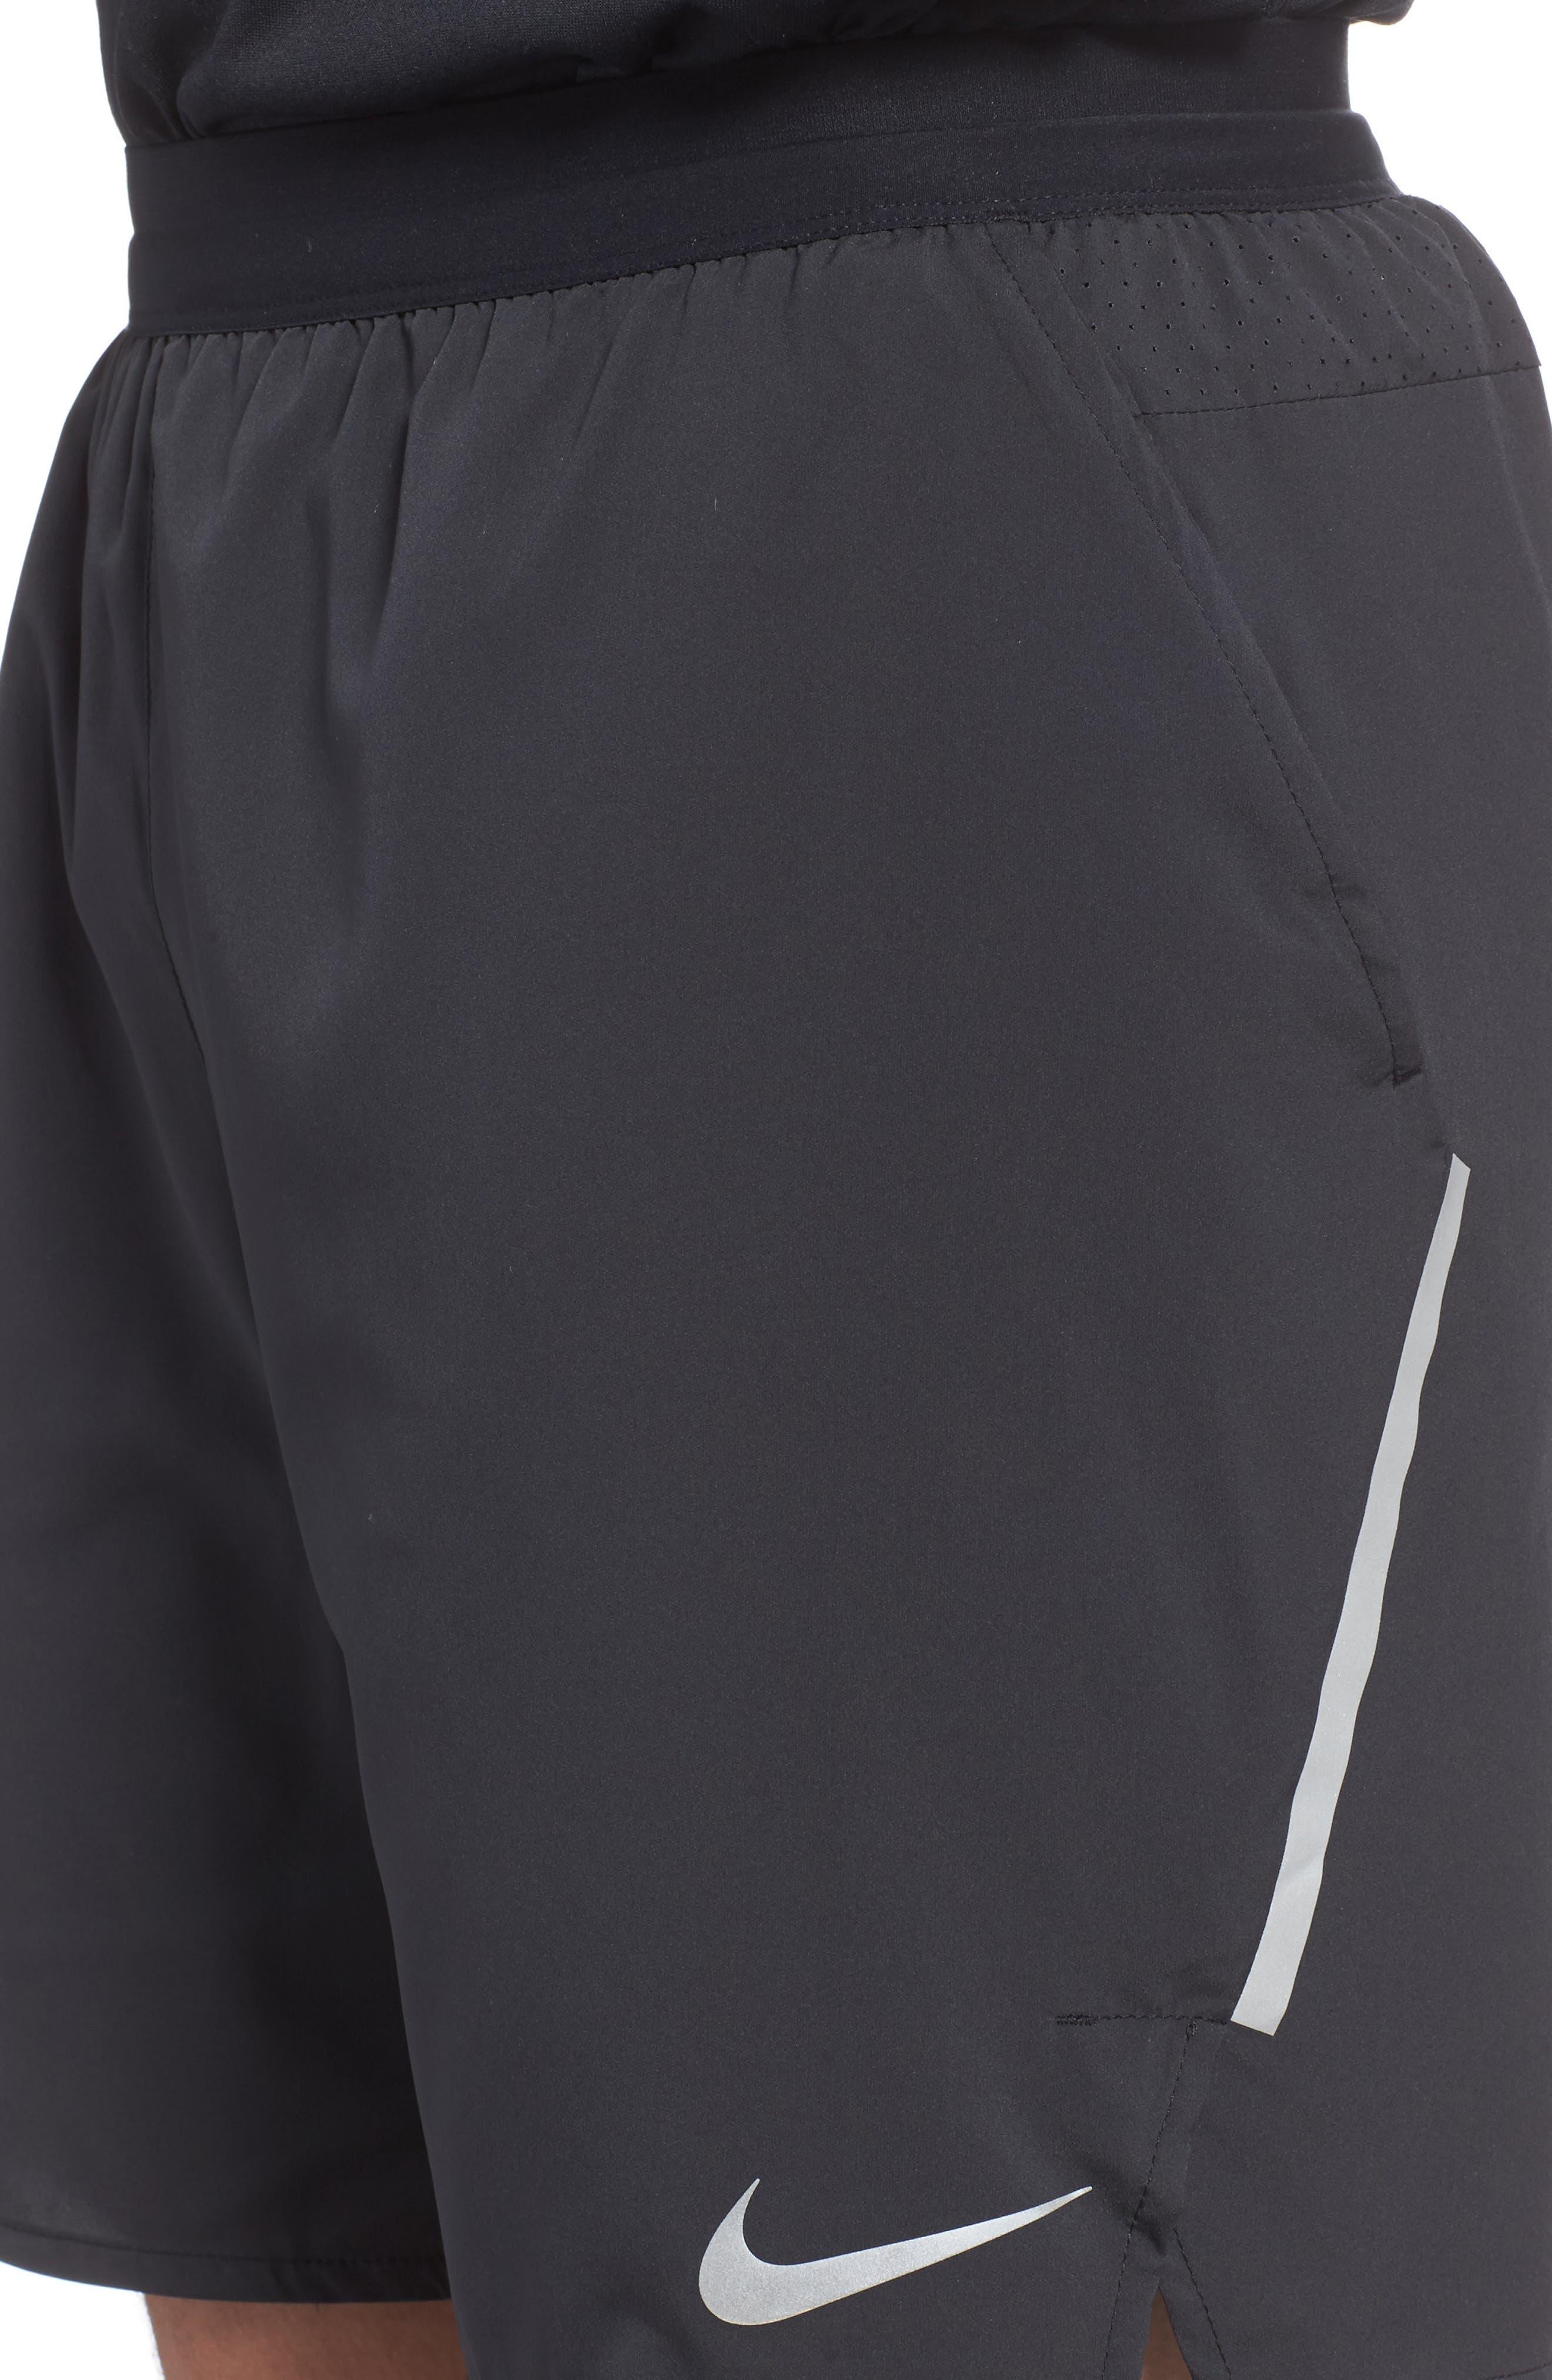 Flex Distance Shorts,                             Alternate thumbnail 4, color,                             Black/ Black